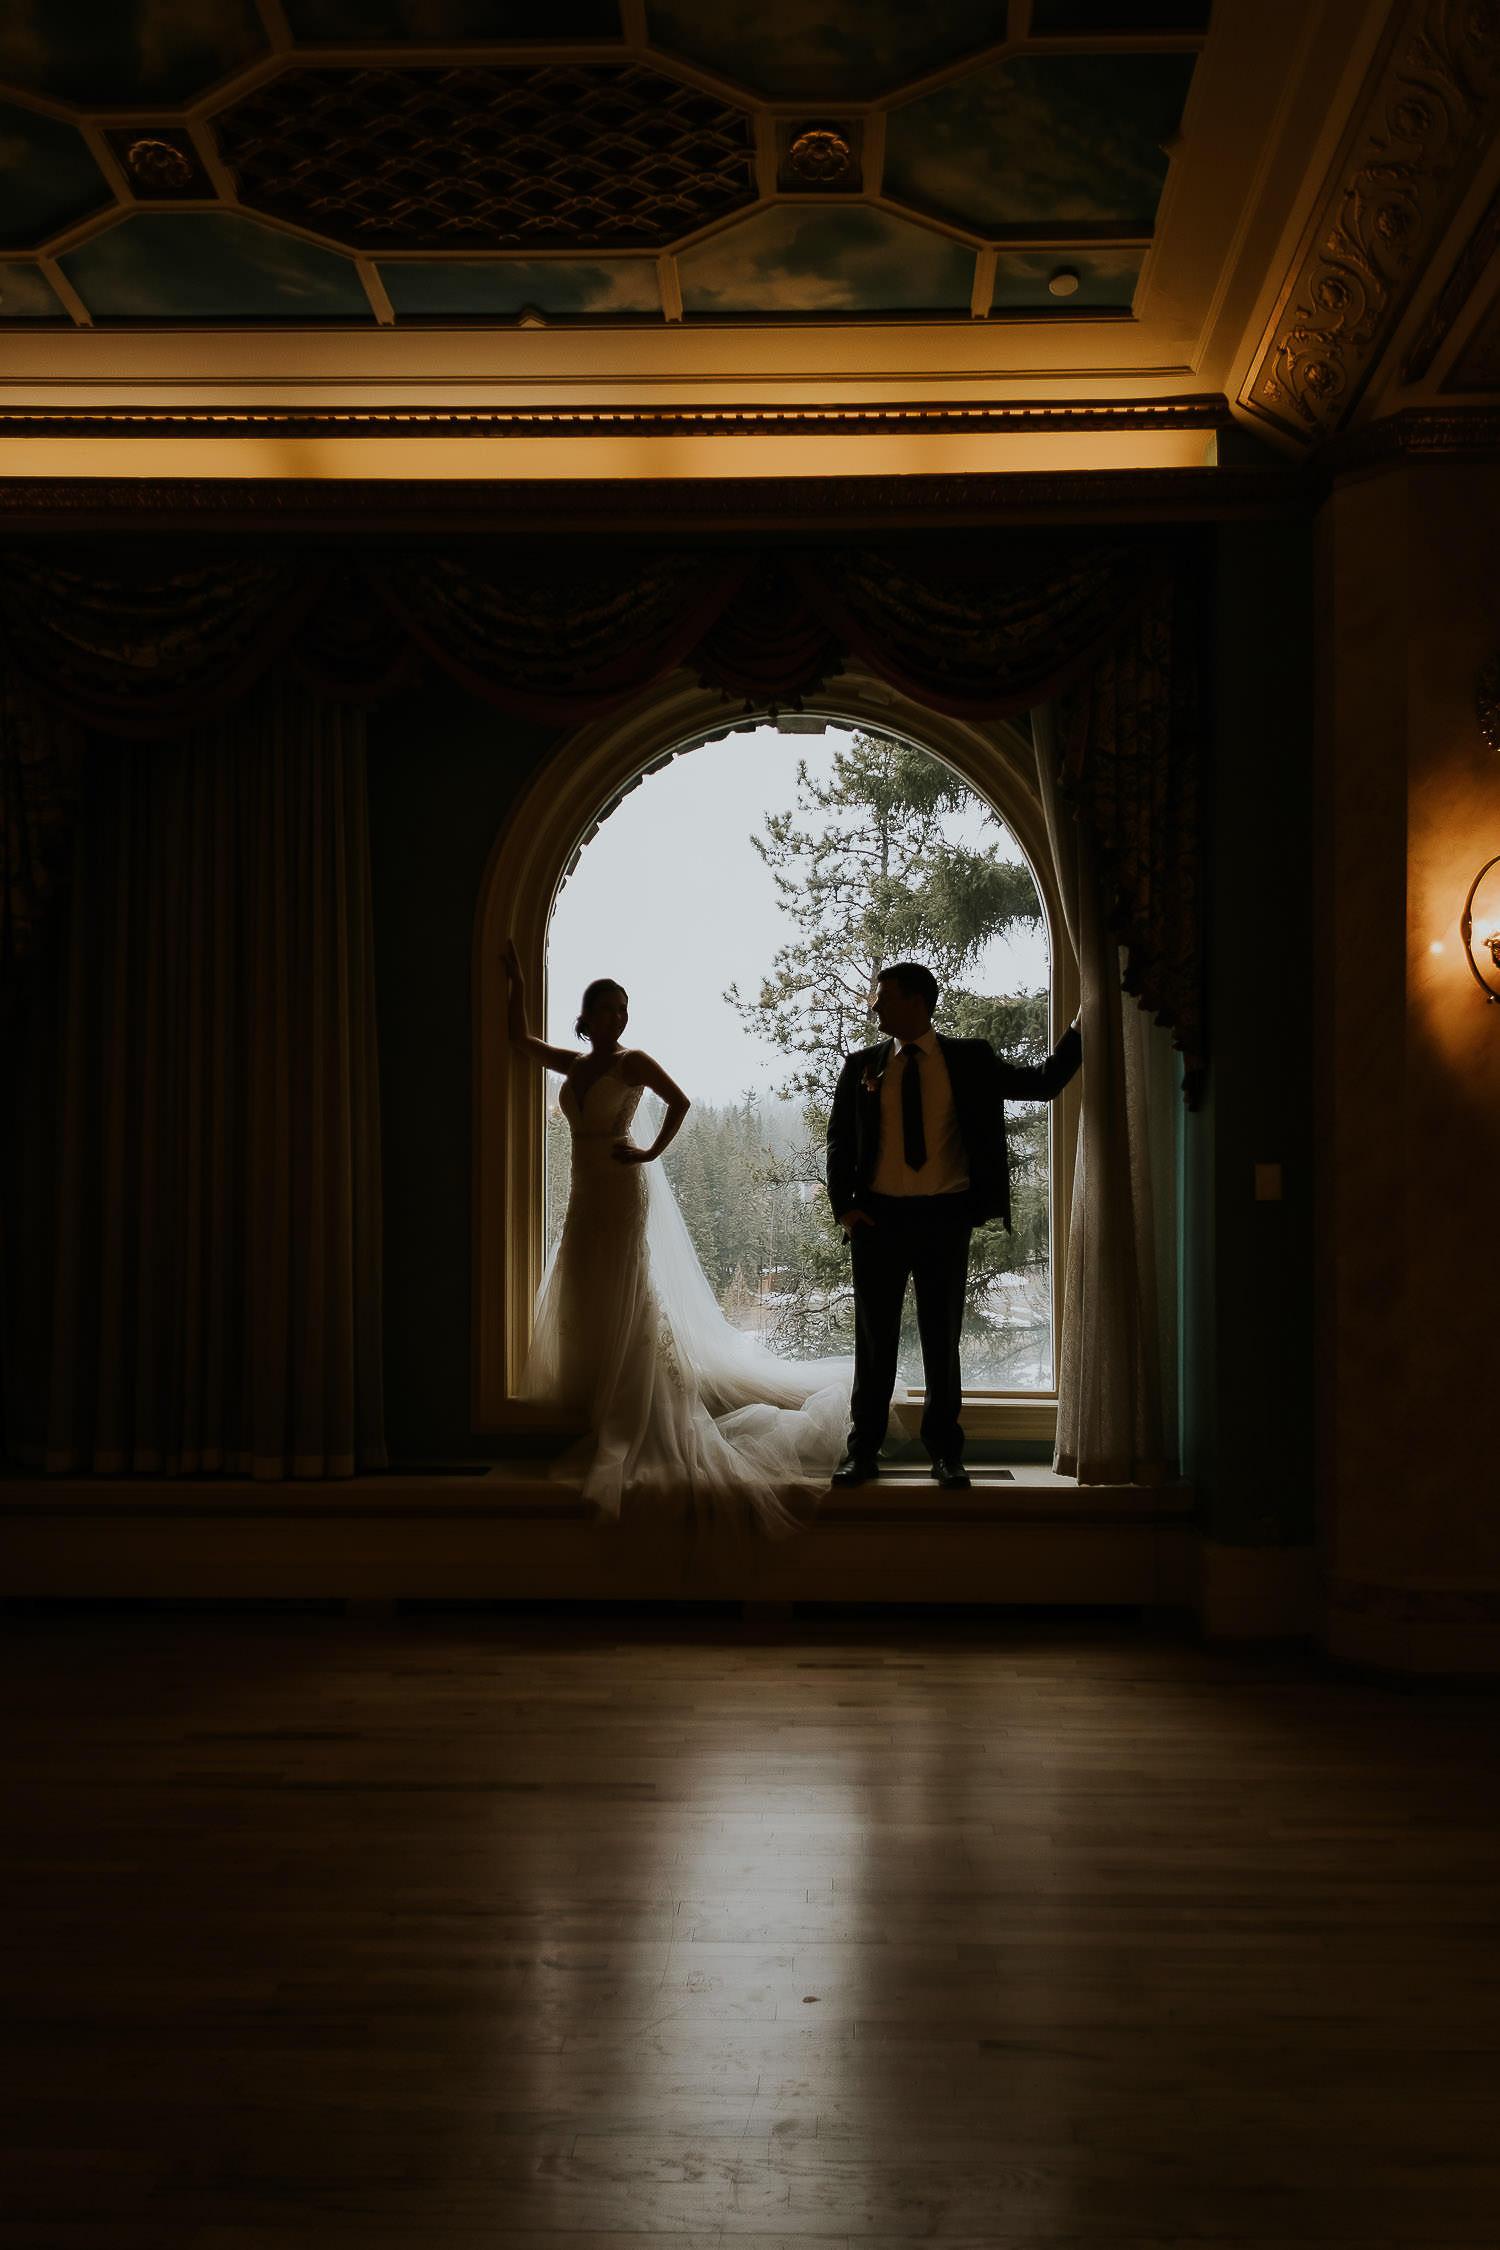 intimate-wedding-at-banff-springs-hotel-sarah-pukin-0218